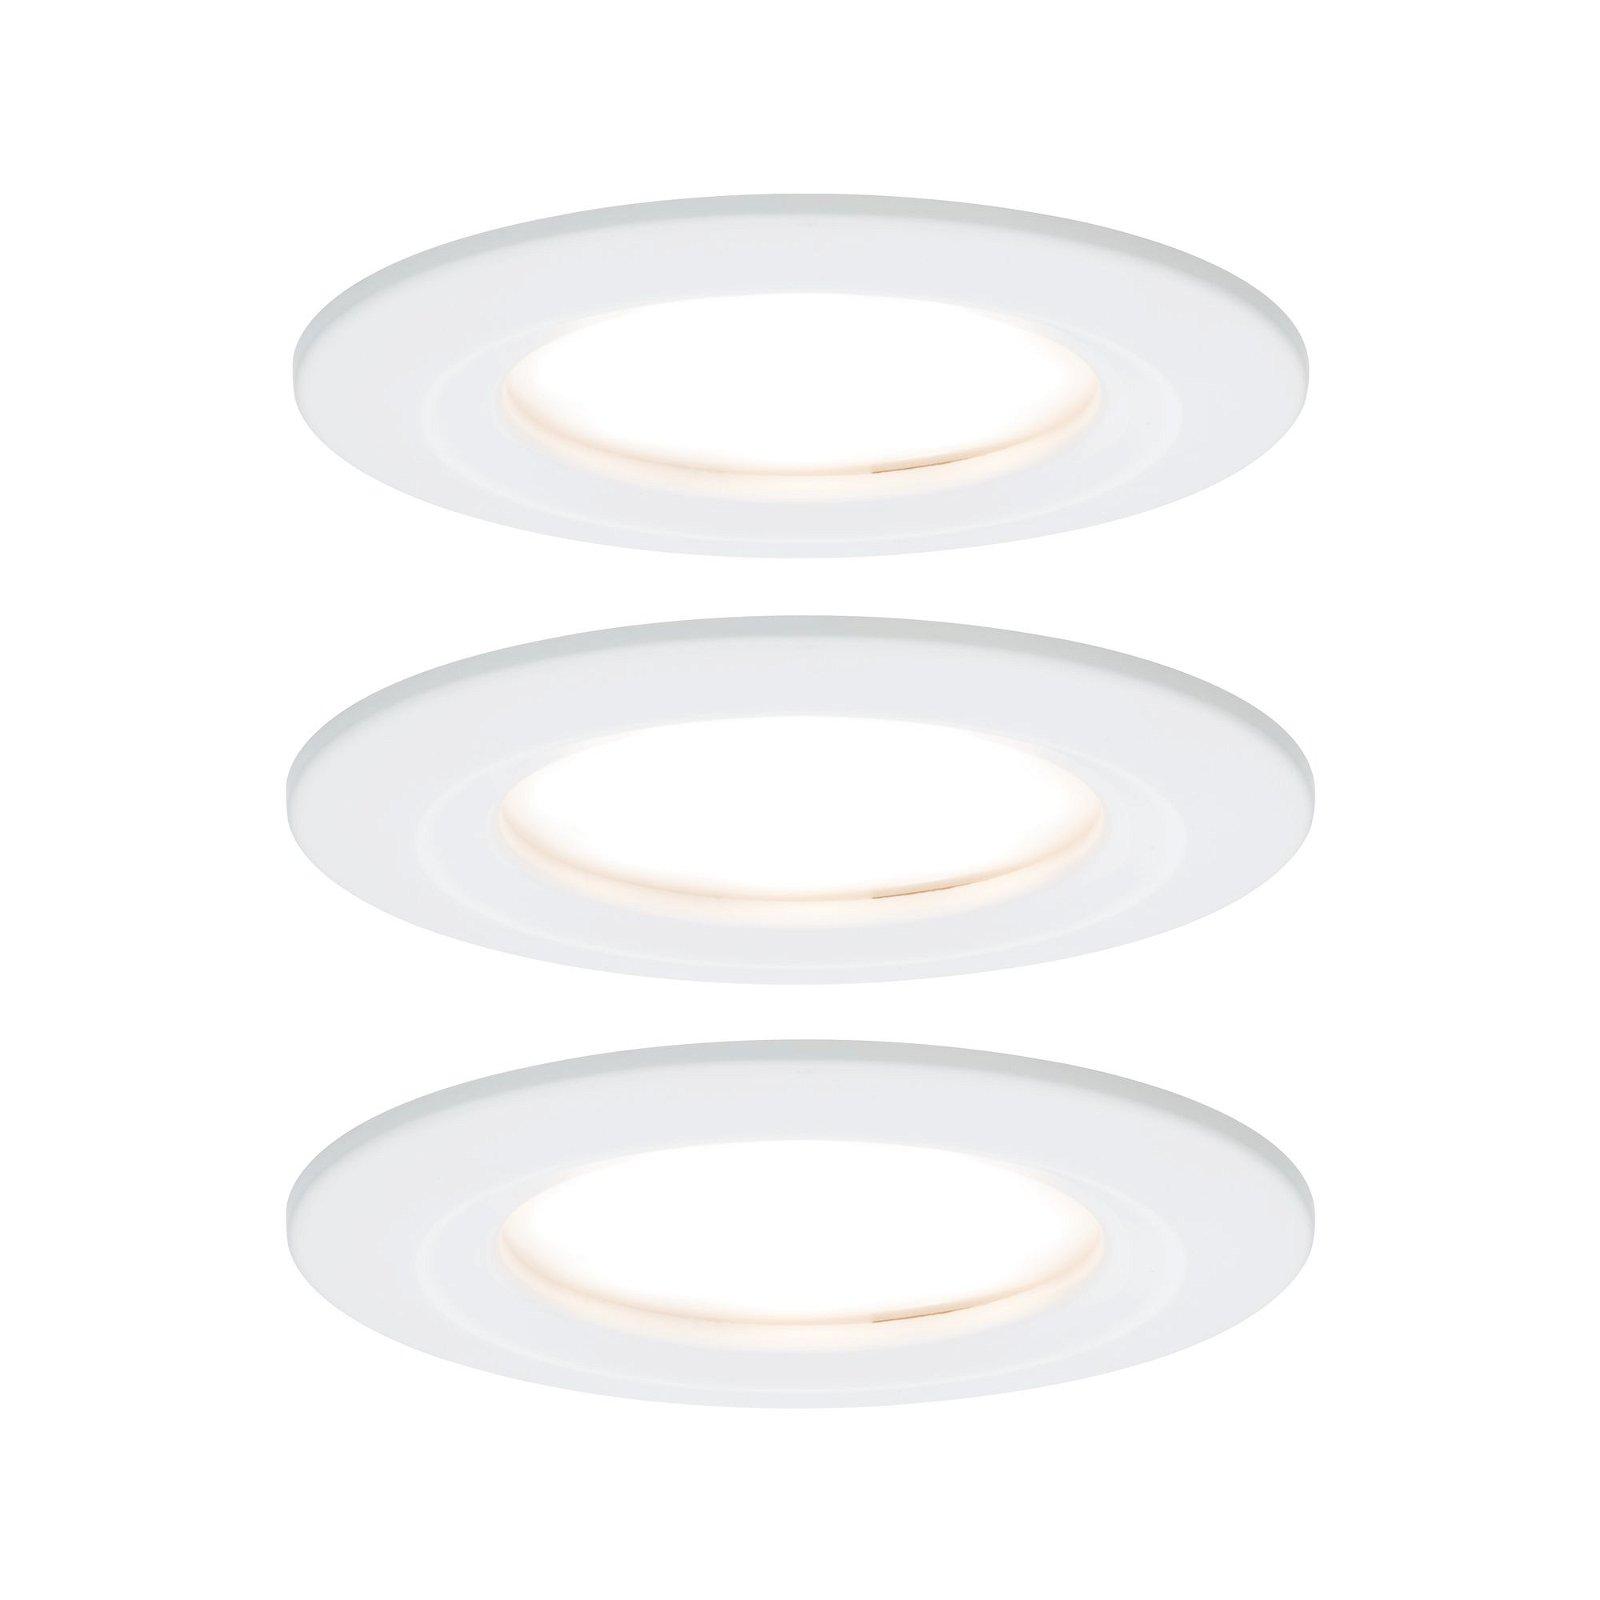 LED Einbauleuchte Nova Coin Basisset starr IP44 rund 78mm Coin 3x6,5W 3x460lm 230V 2700K Weiß matt